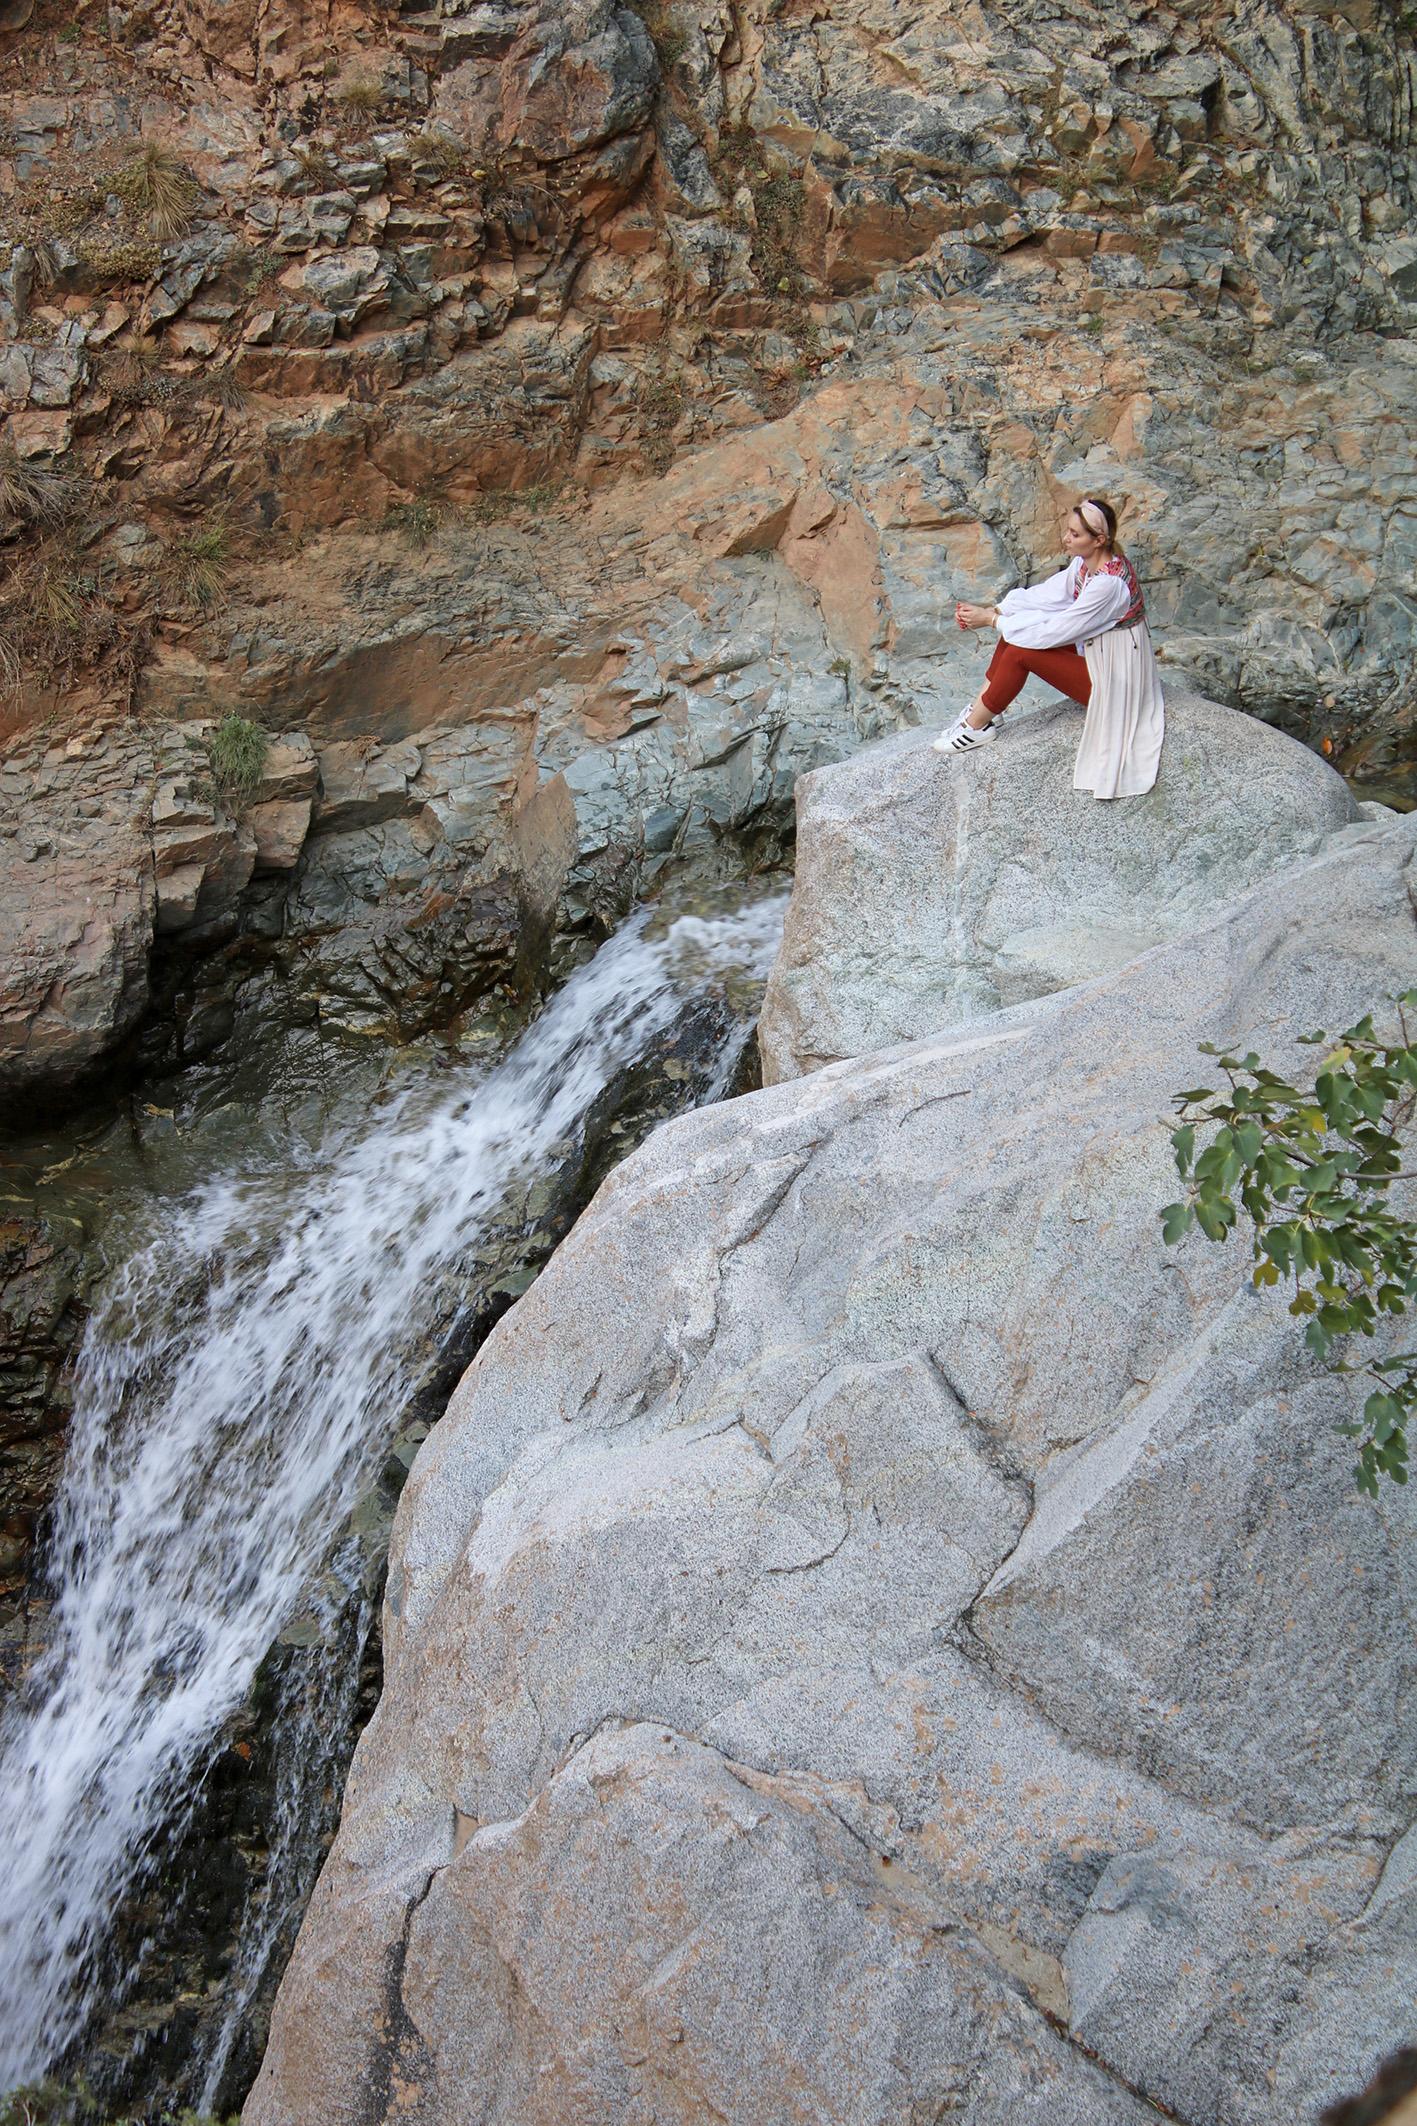 cinq-cascades-vallée-de-l-ourika